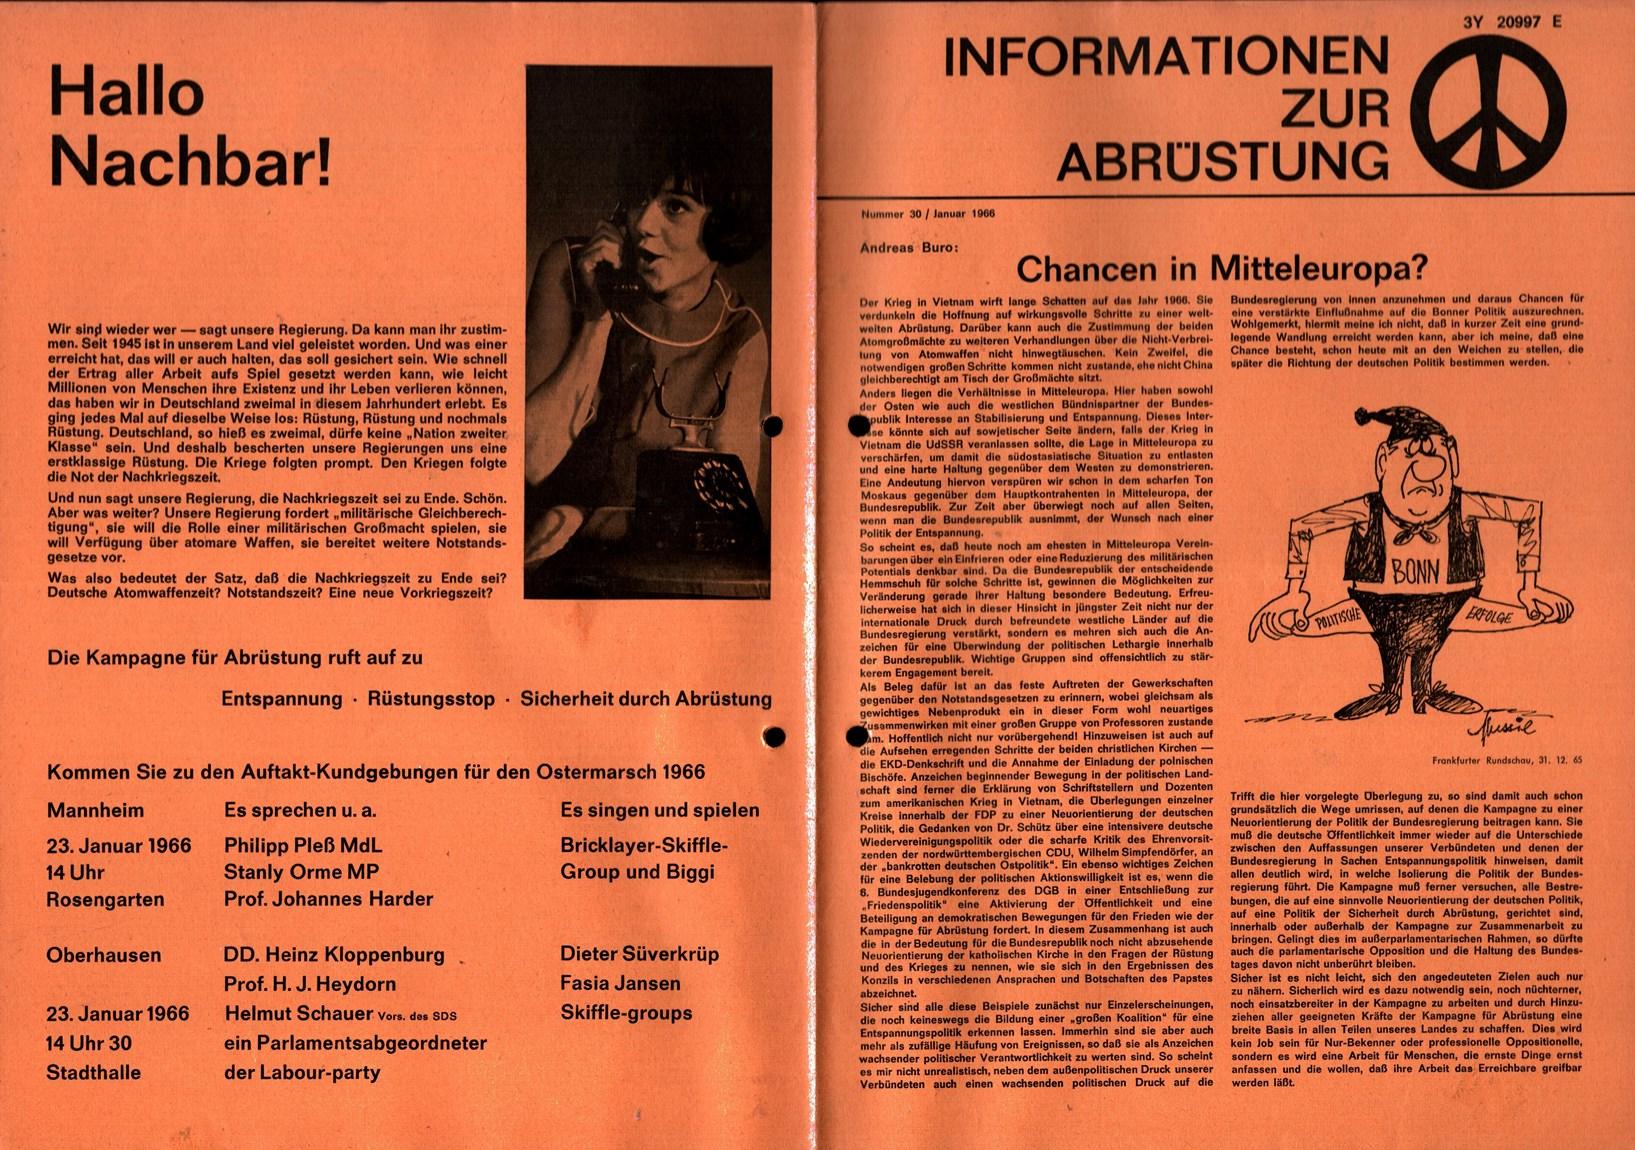 Infos_zur_Abruestung_1966_030_001